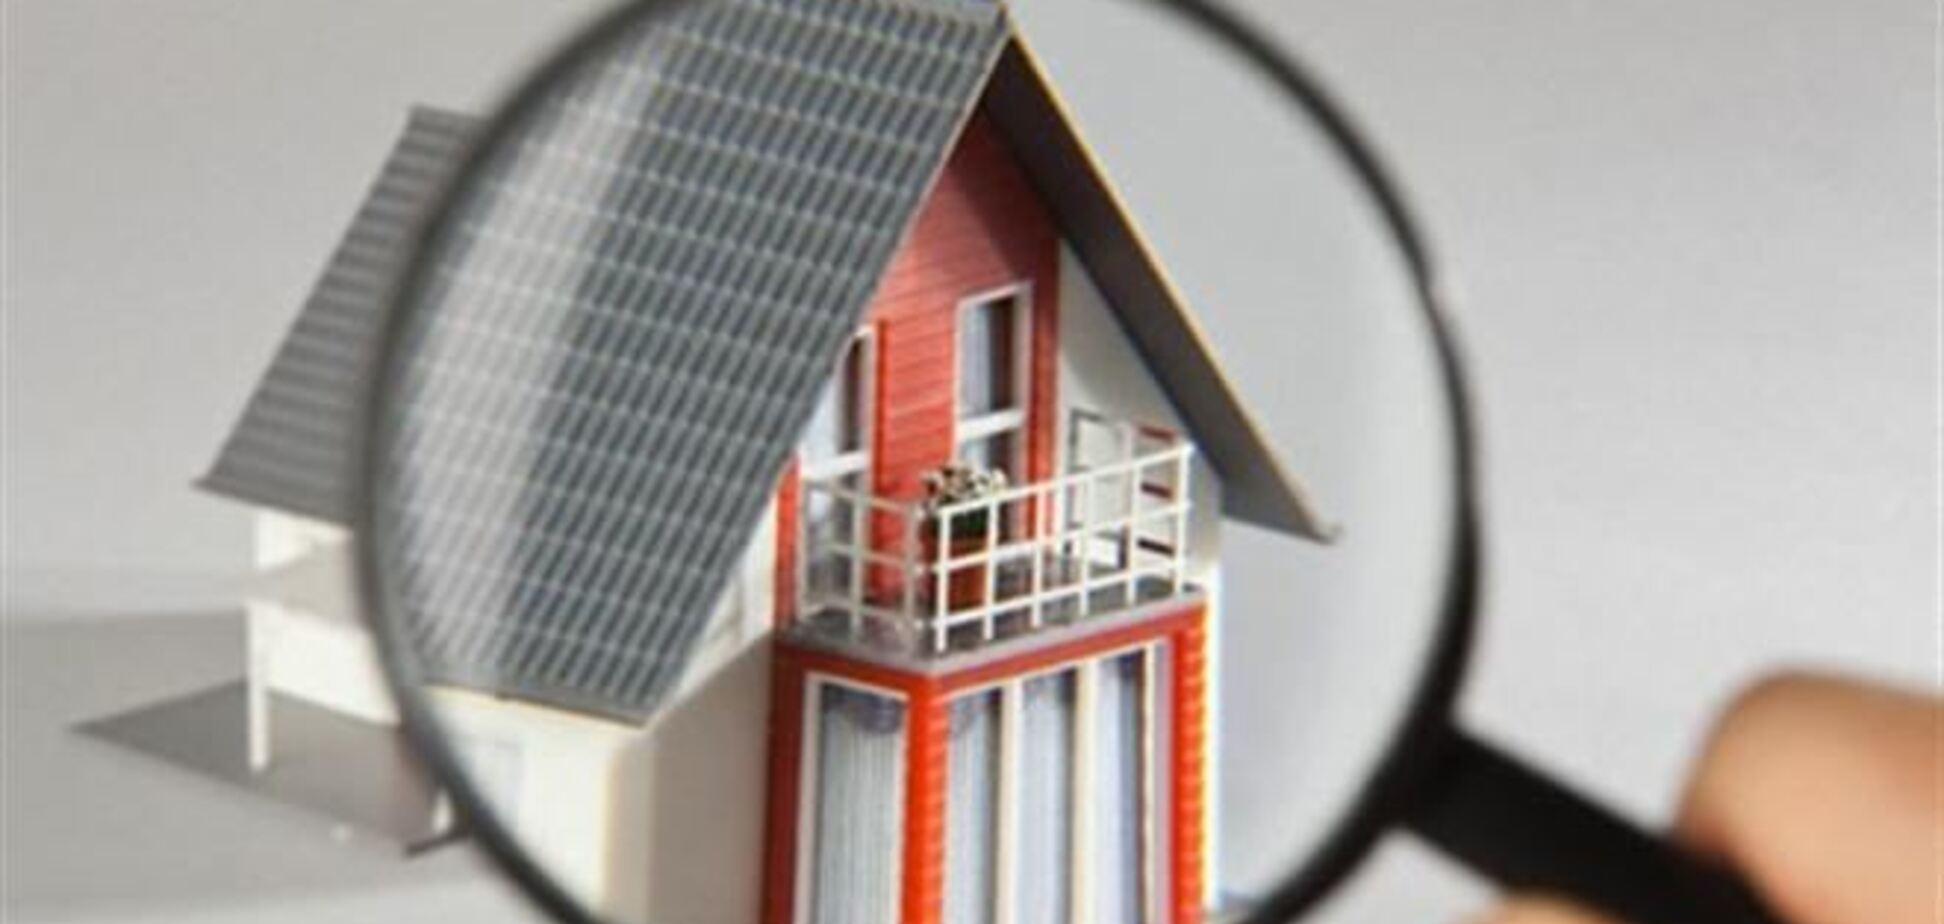 Новые правила не устраняют человеческий фактор из оценки имущества - эксперт